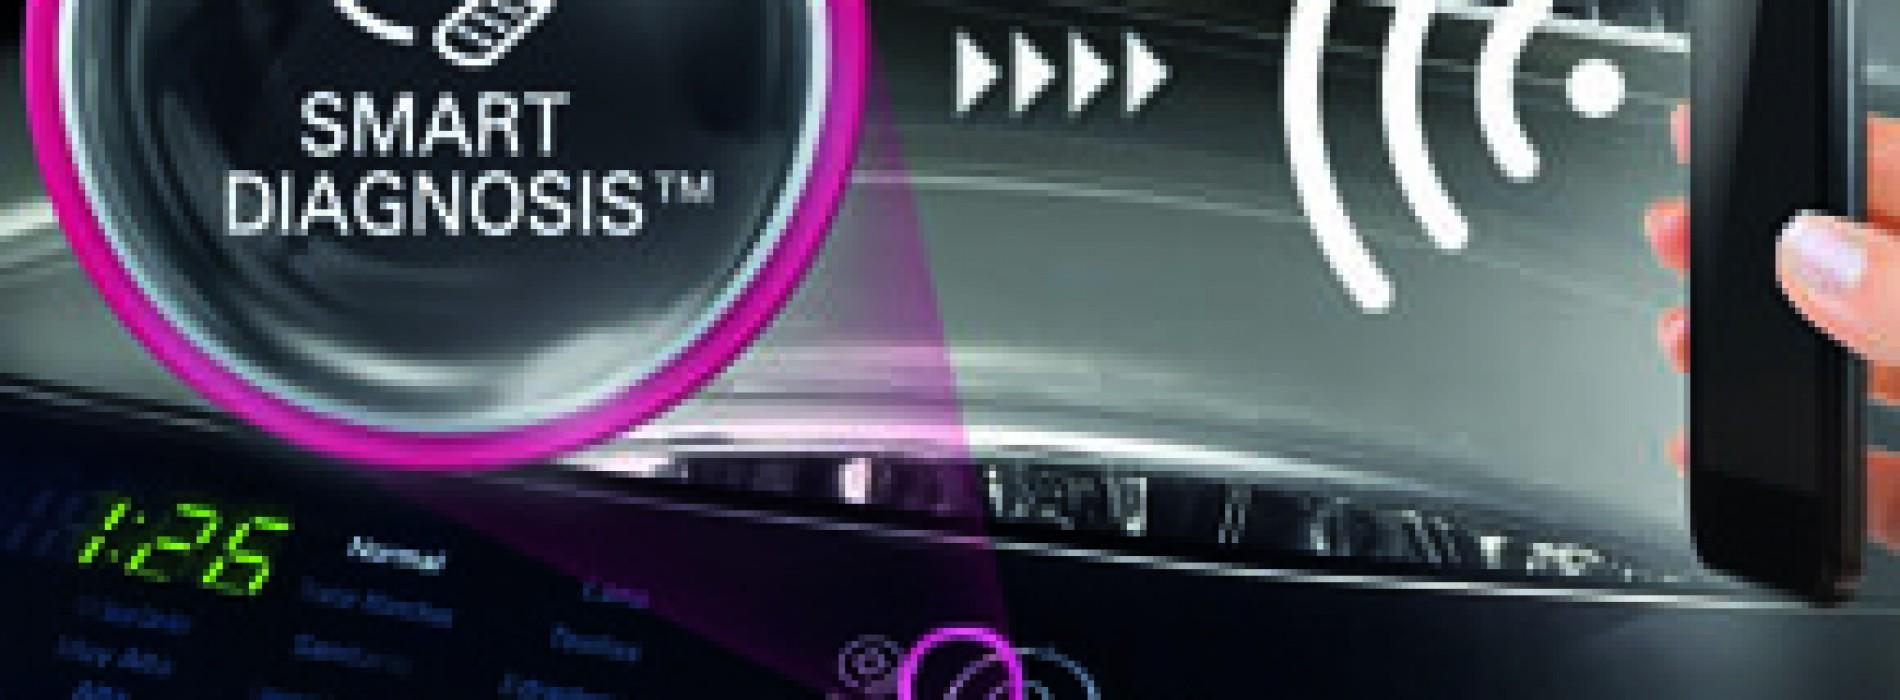 Smart Diagnosis detecta problemas en electrodomésticos y brinda soluciones